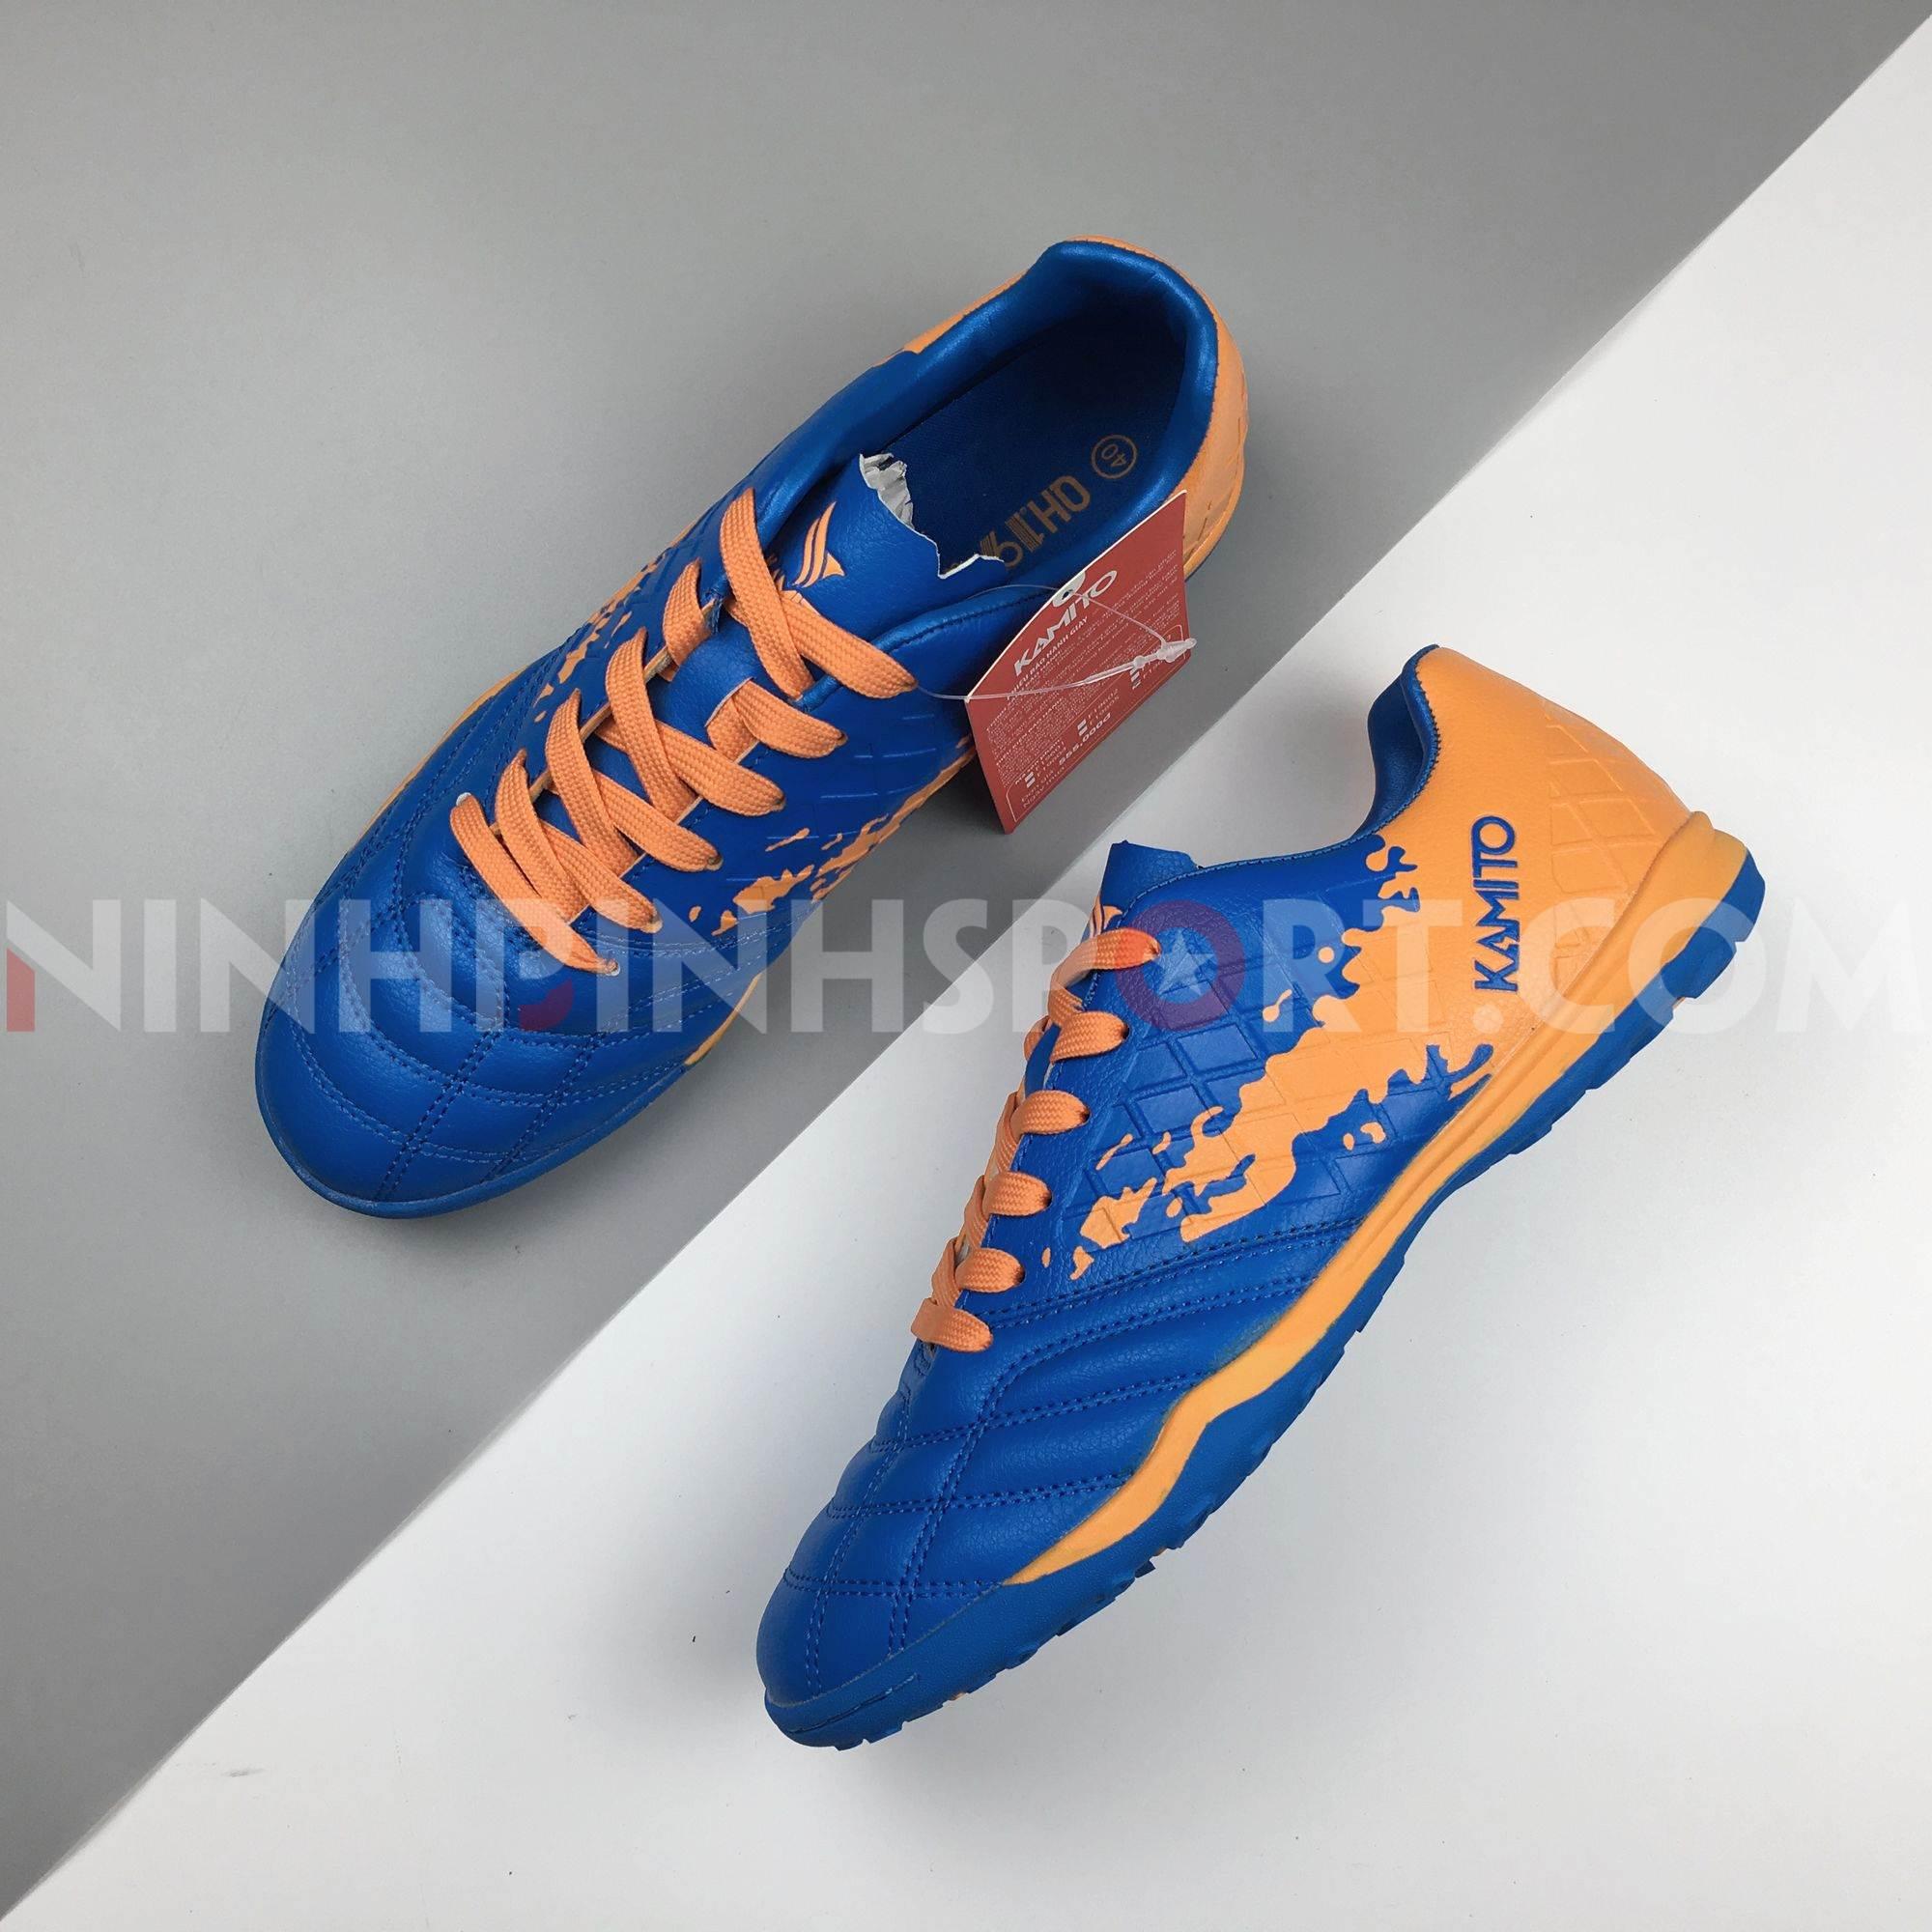 Giày bóng đá nam Kamito QH19 Premium Pack F19607